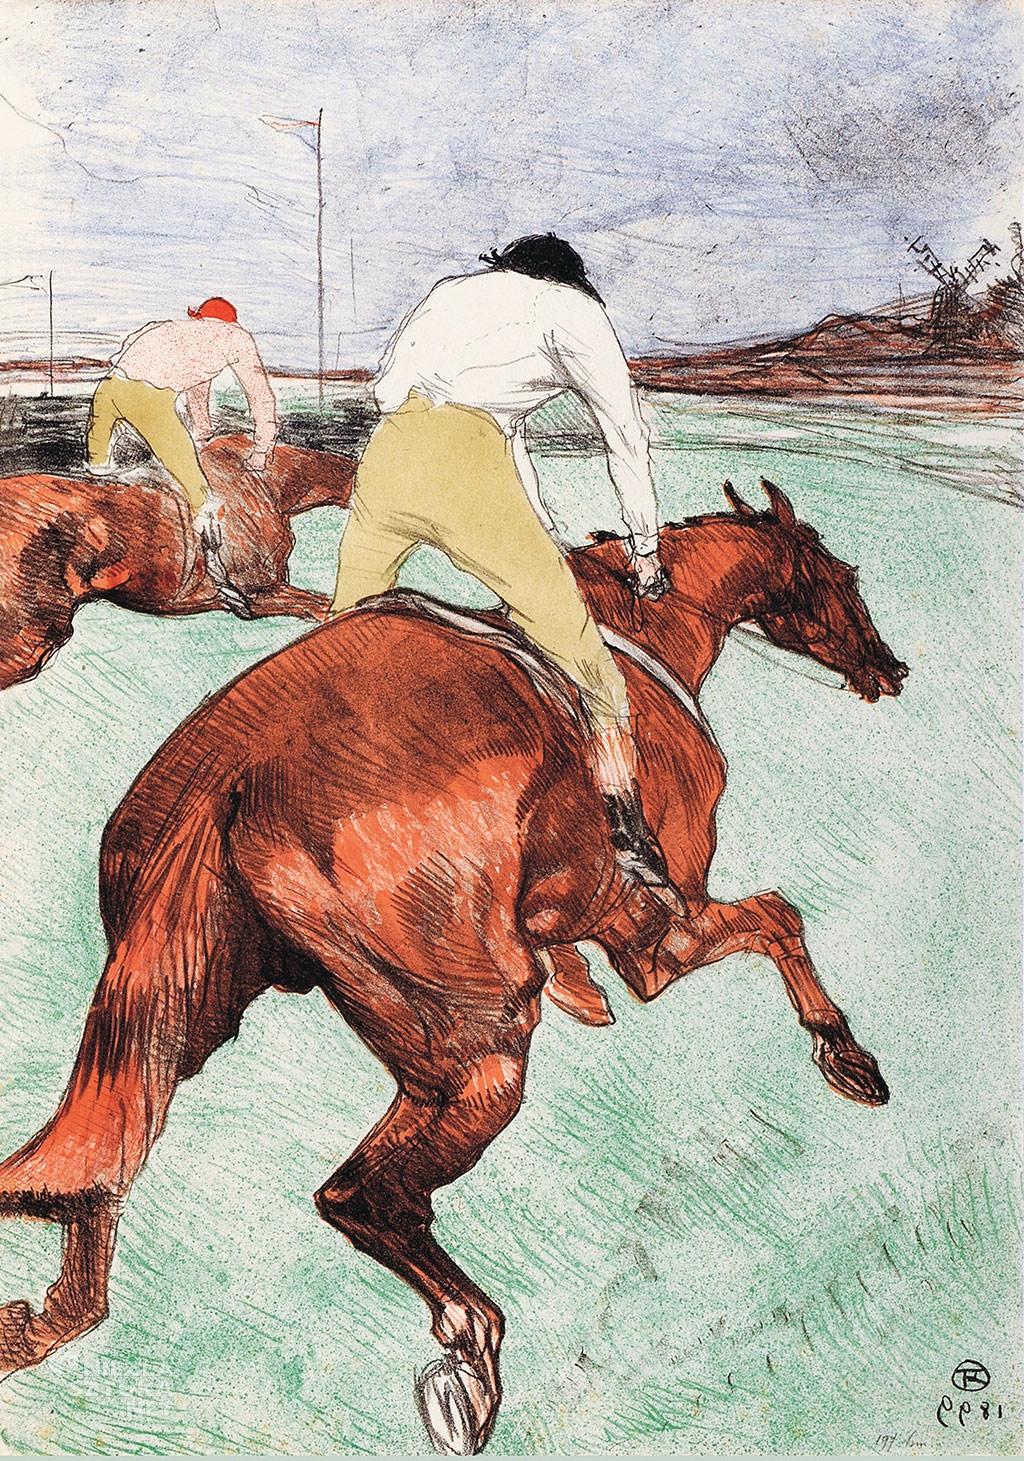 Henri de Toulouse-Lautrec, plakaty, Niezła sztuka